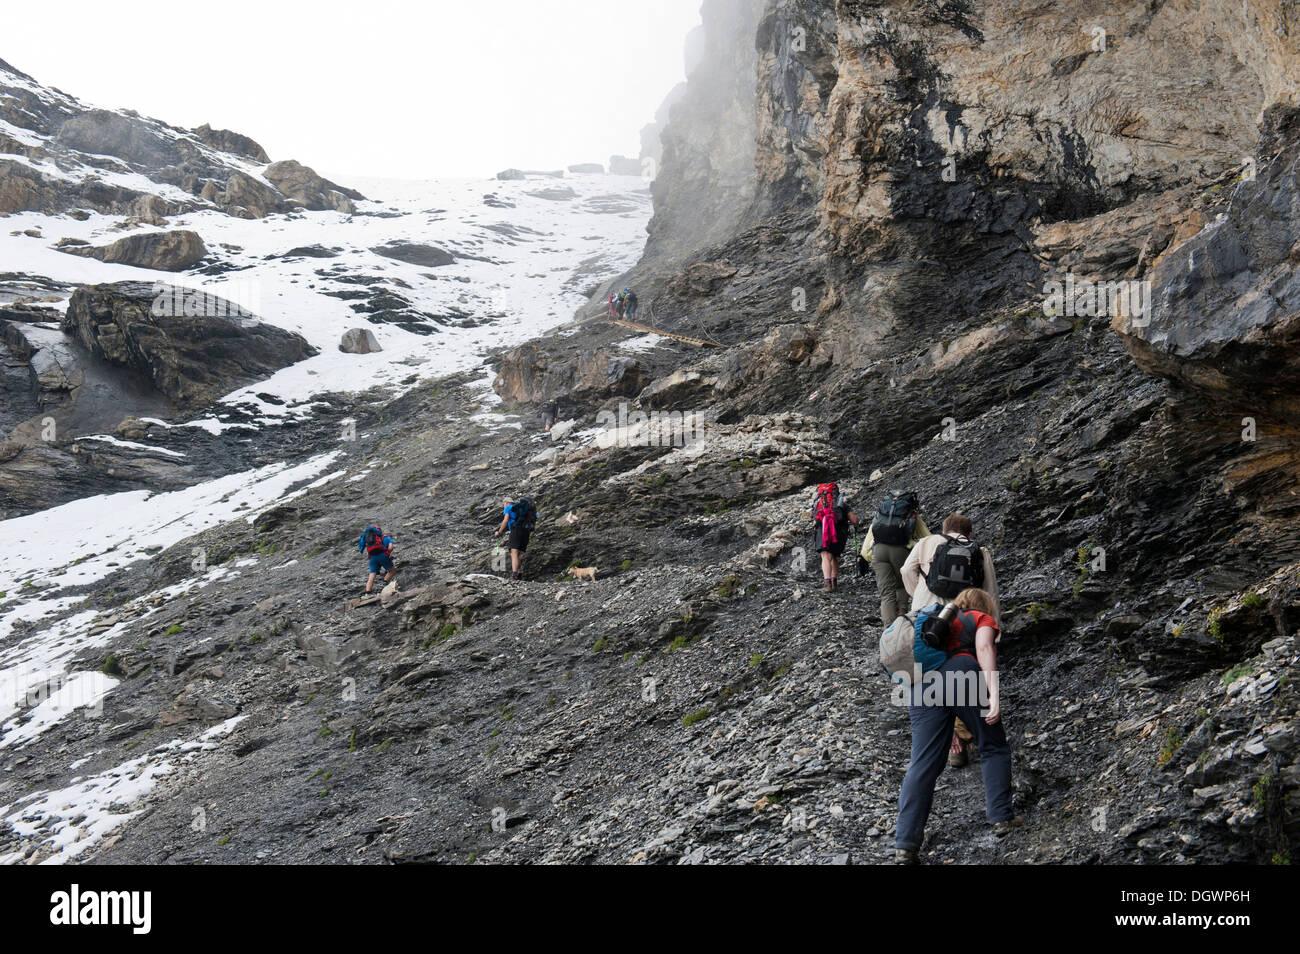 Sentier de randonnée Trek de l'ours, les randonneurs sur le chemin jusqu'à la note de passage à niveau rock sombre avec des restes de neige, Col Hohtürli, Kandersteg Photo Stock